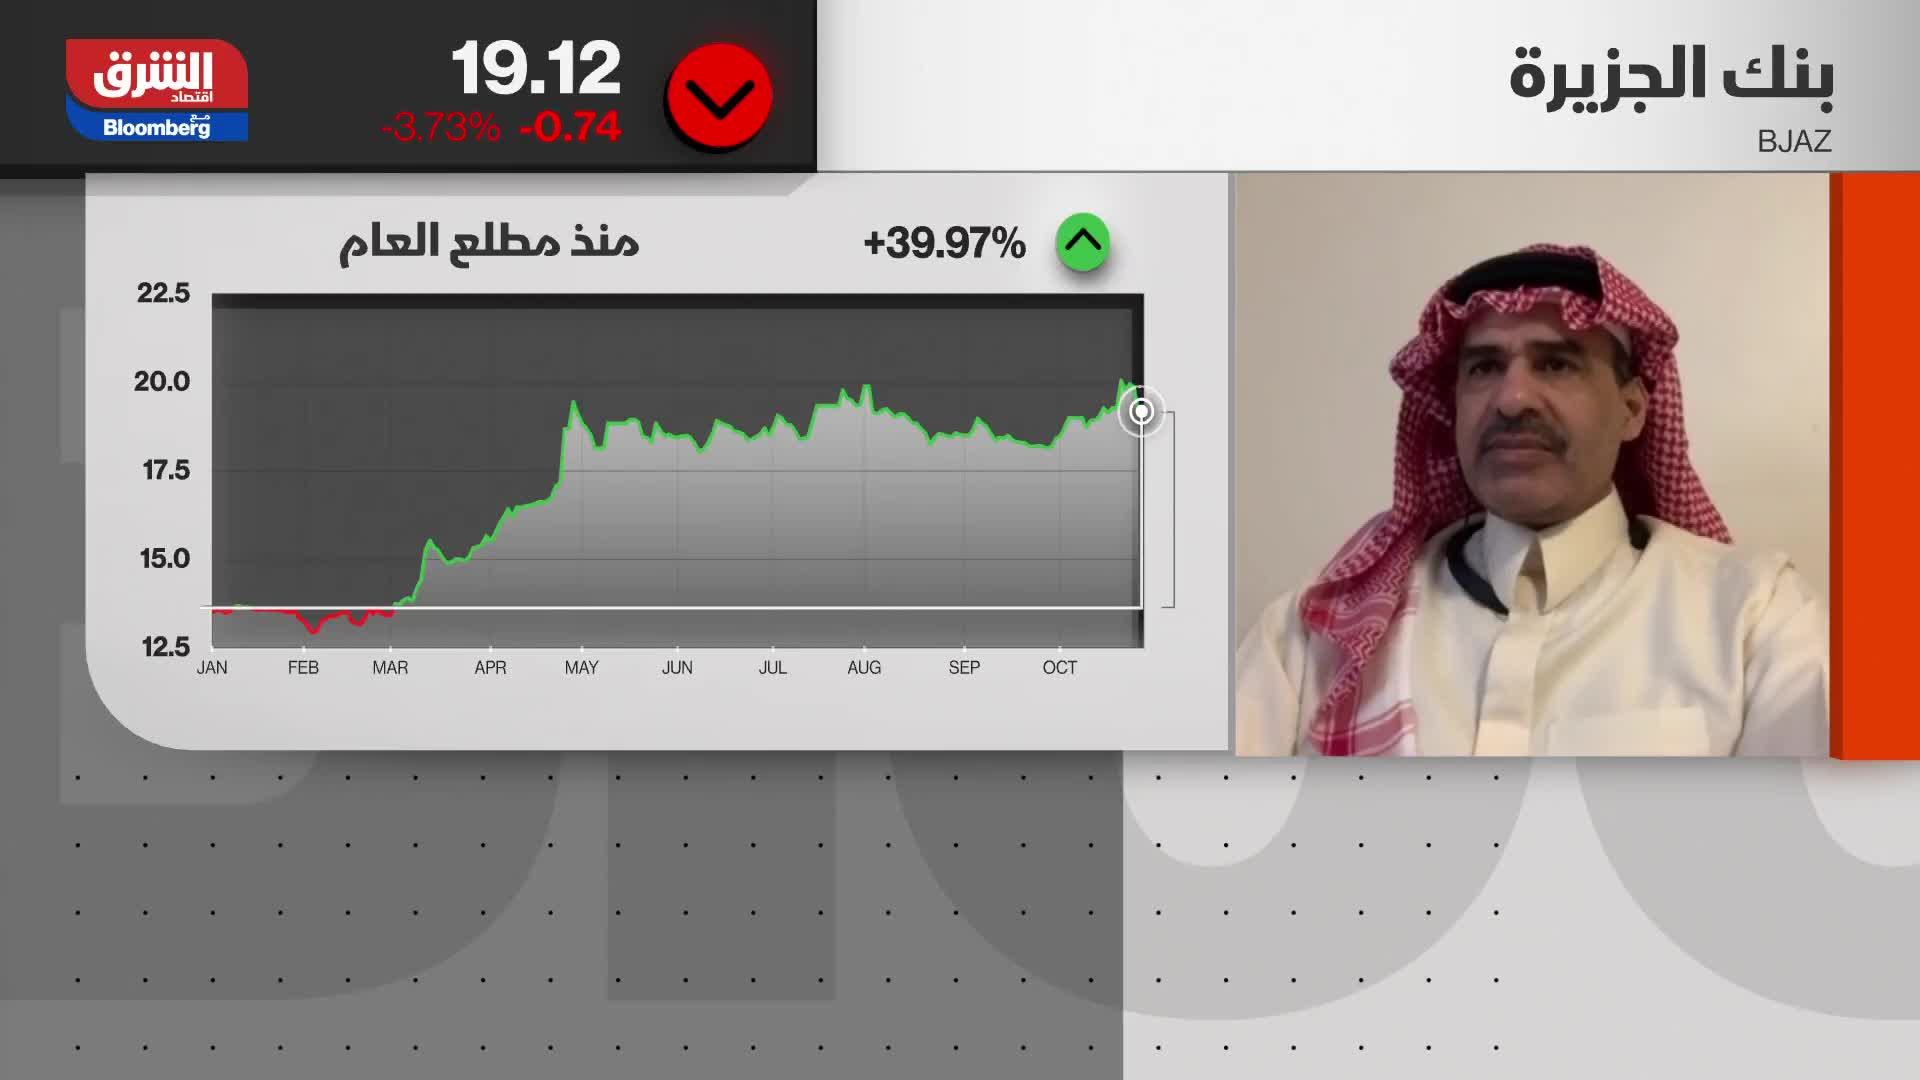 هل نتوقع إدراجات جديدة  في السوق السعودي أو مزدوجة بين الأسواق؟